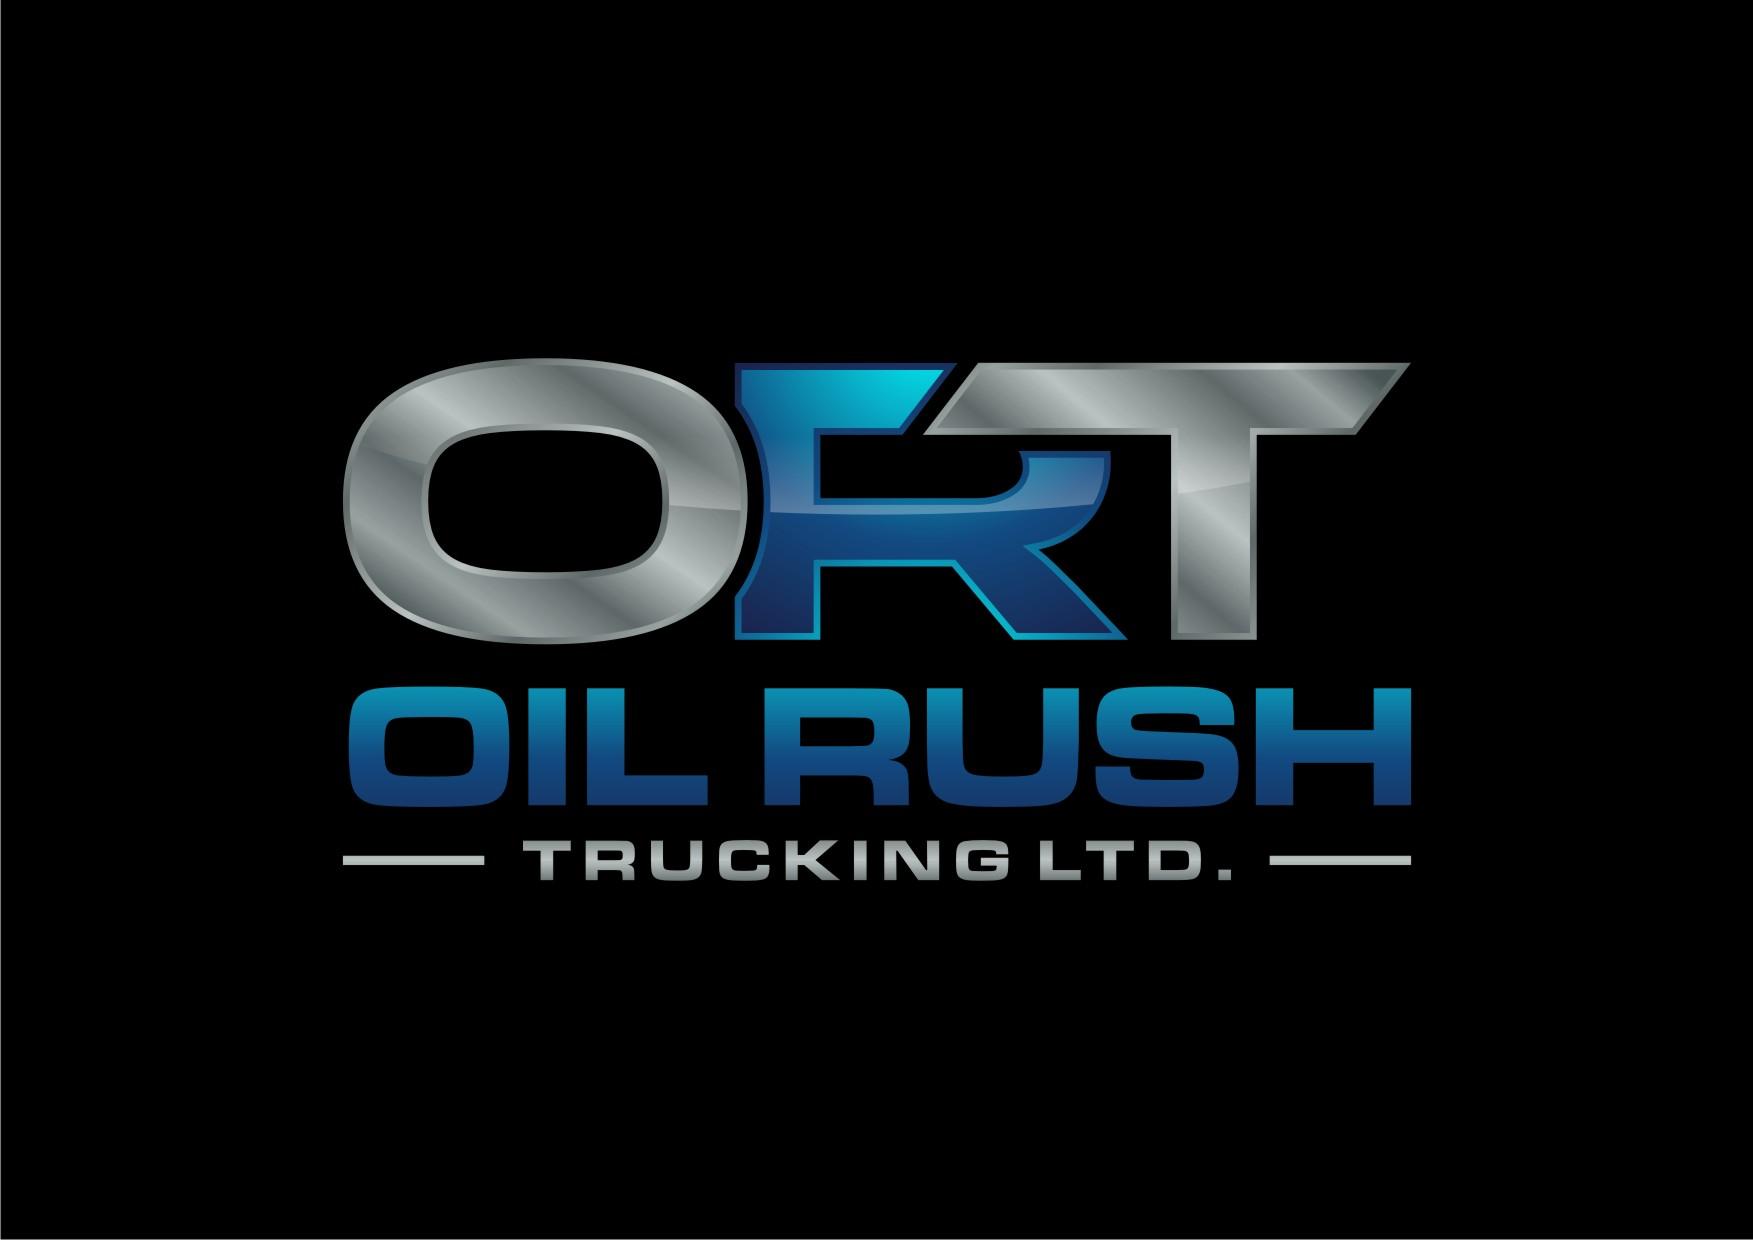 Oil Rush Trucking